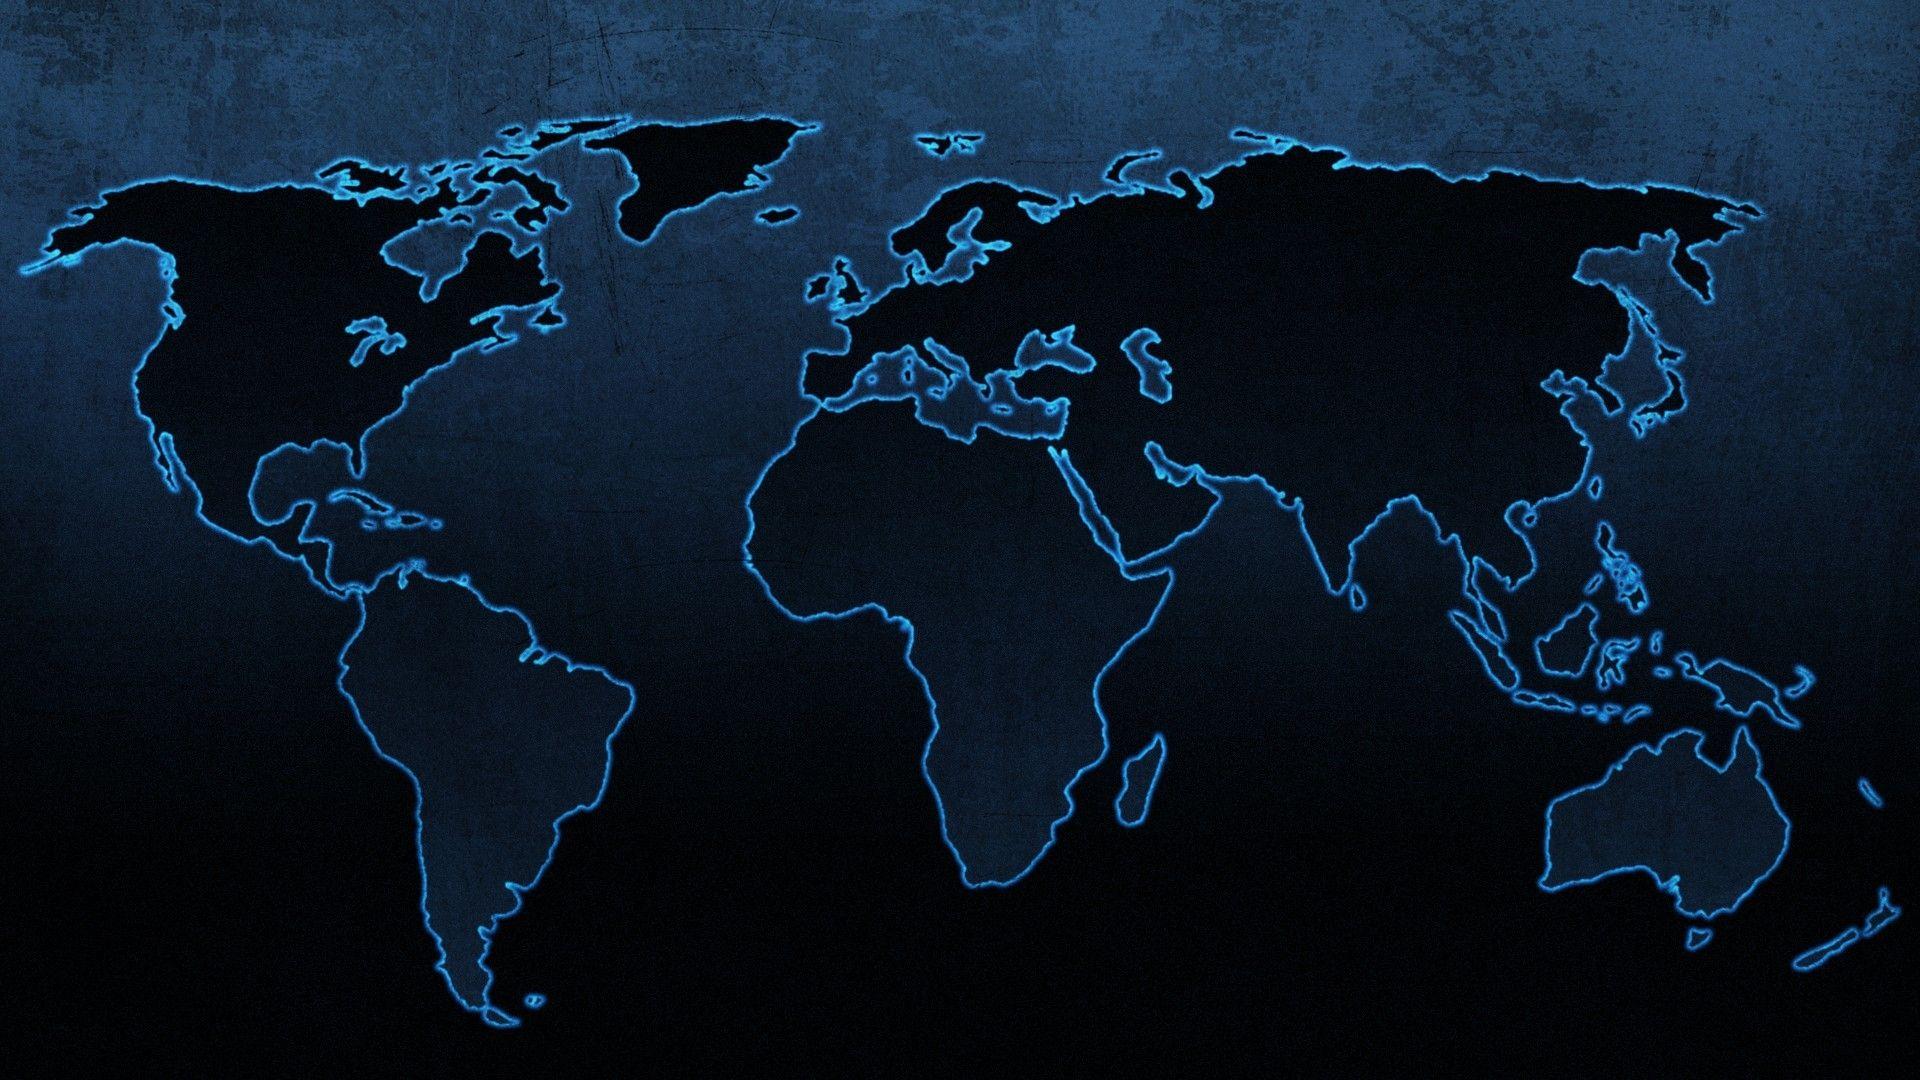 Earth Water Fire Air Wallpaper 1280x960 71090 World Map Wallpaper Map Wallpaper Cool World Map